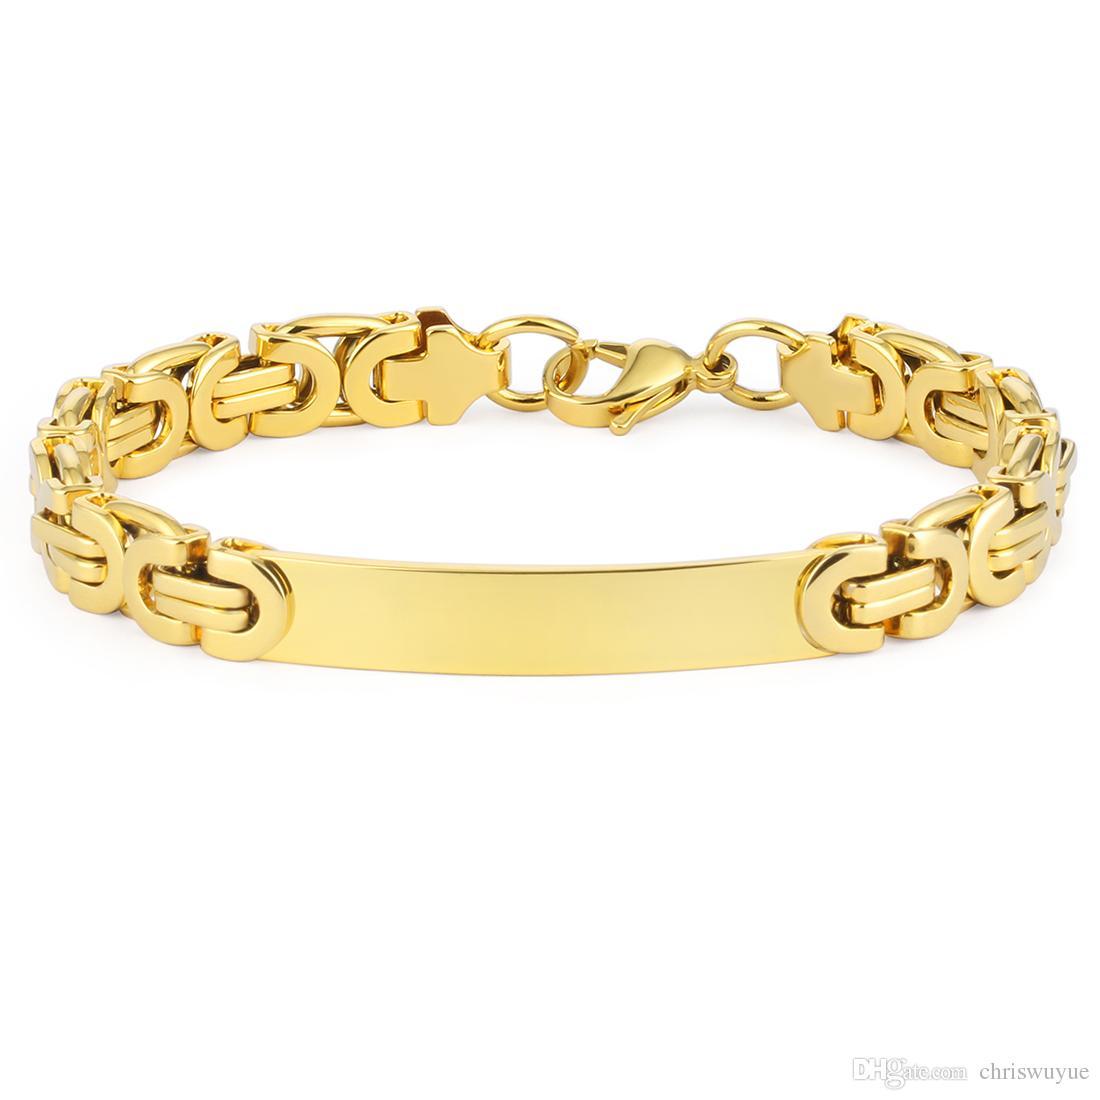 عالية الجودة رجل الهيب هوب سوار الفولاذ الصلب شقة البيزنطية سلسلة أساور روك مجوهرات الشرير بنين بالجملة 220 ملليمتر 8.7 بوصة